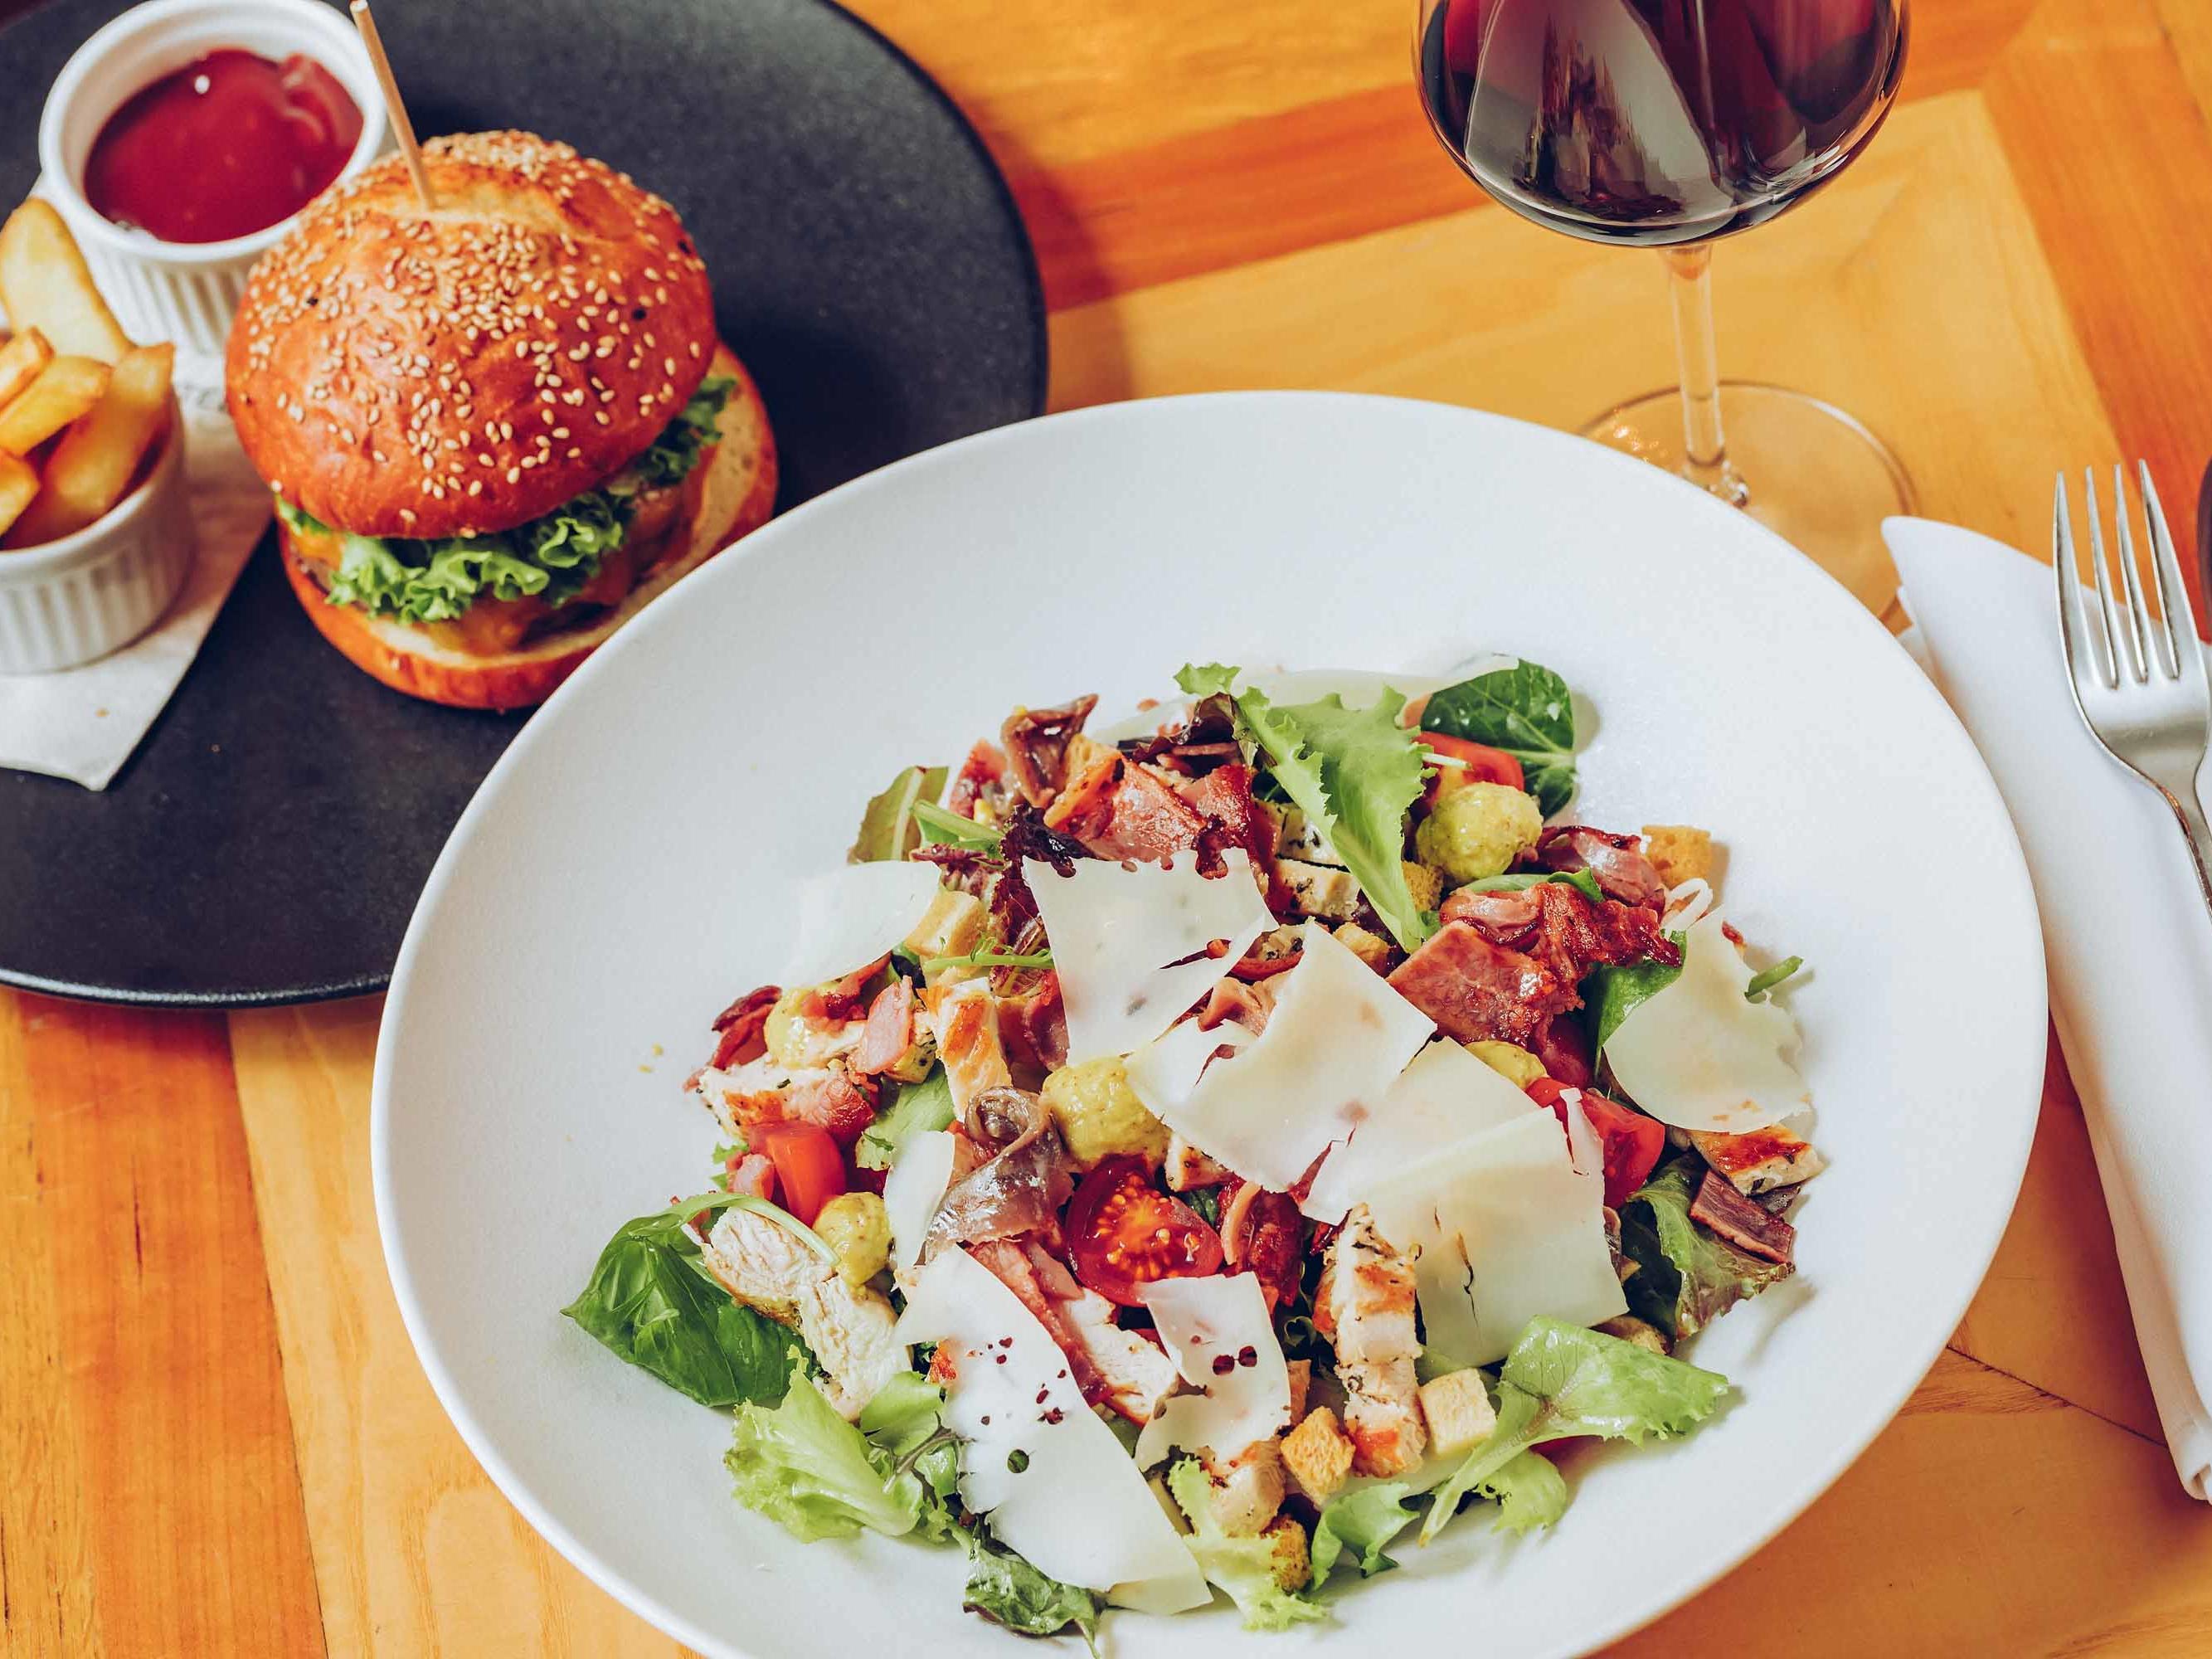 Salad and Hamburger